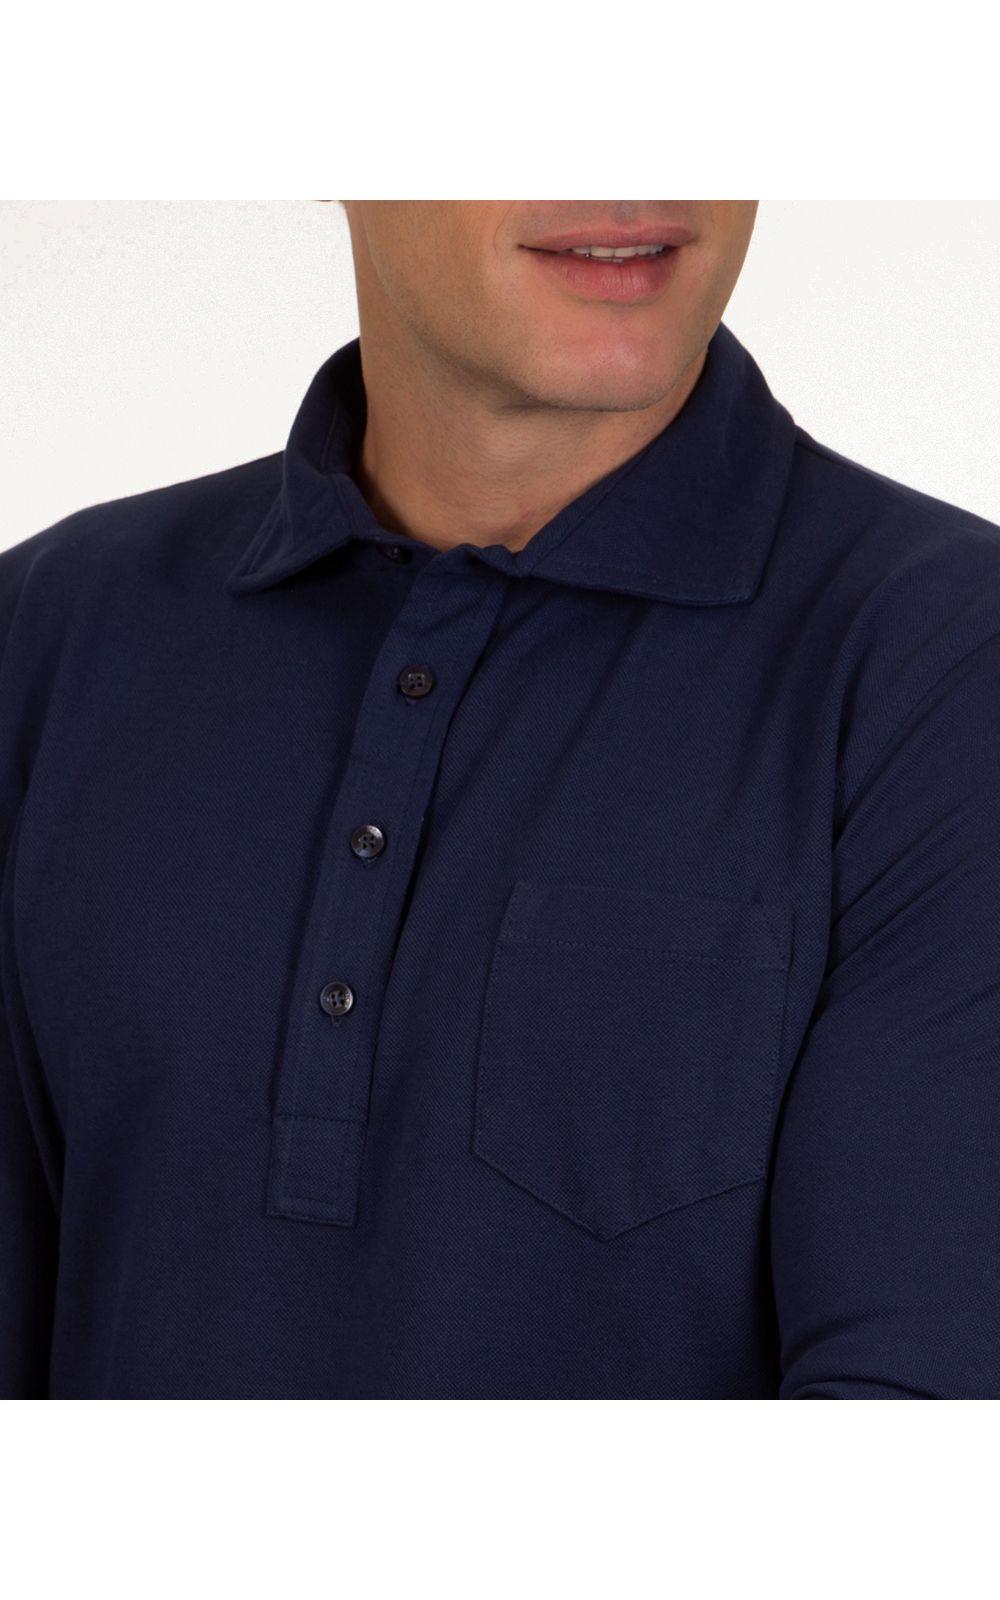 Foto 3 - Camisa Polo Masculina Azul Escuro Lisa